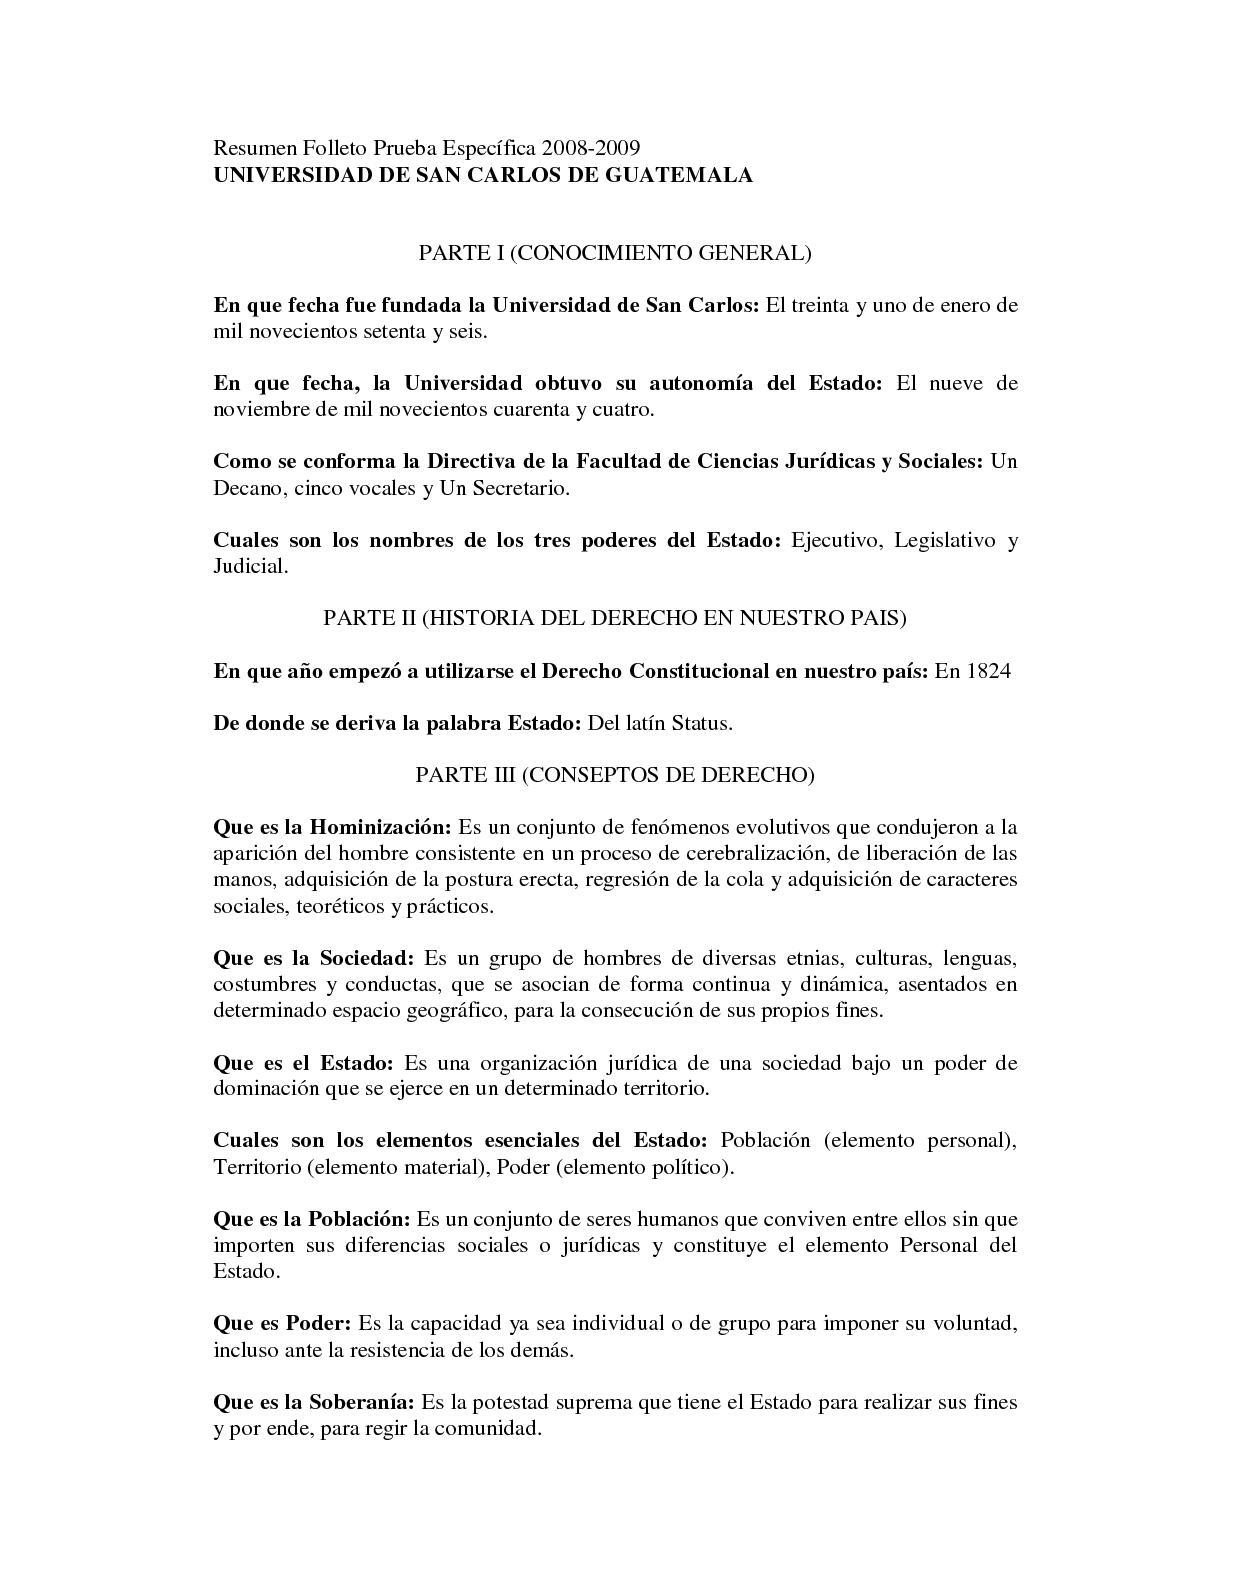 Cuestionario Prueba Especifica Derecho